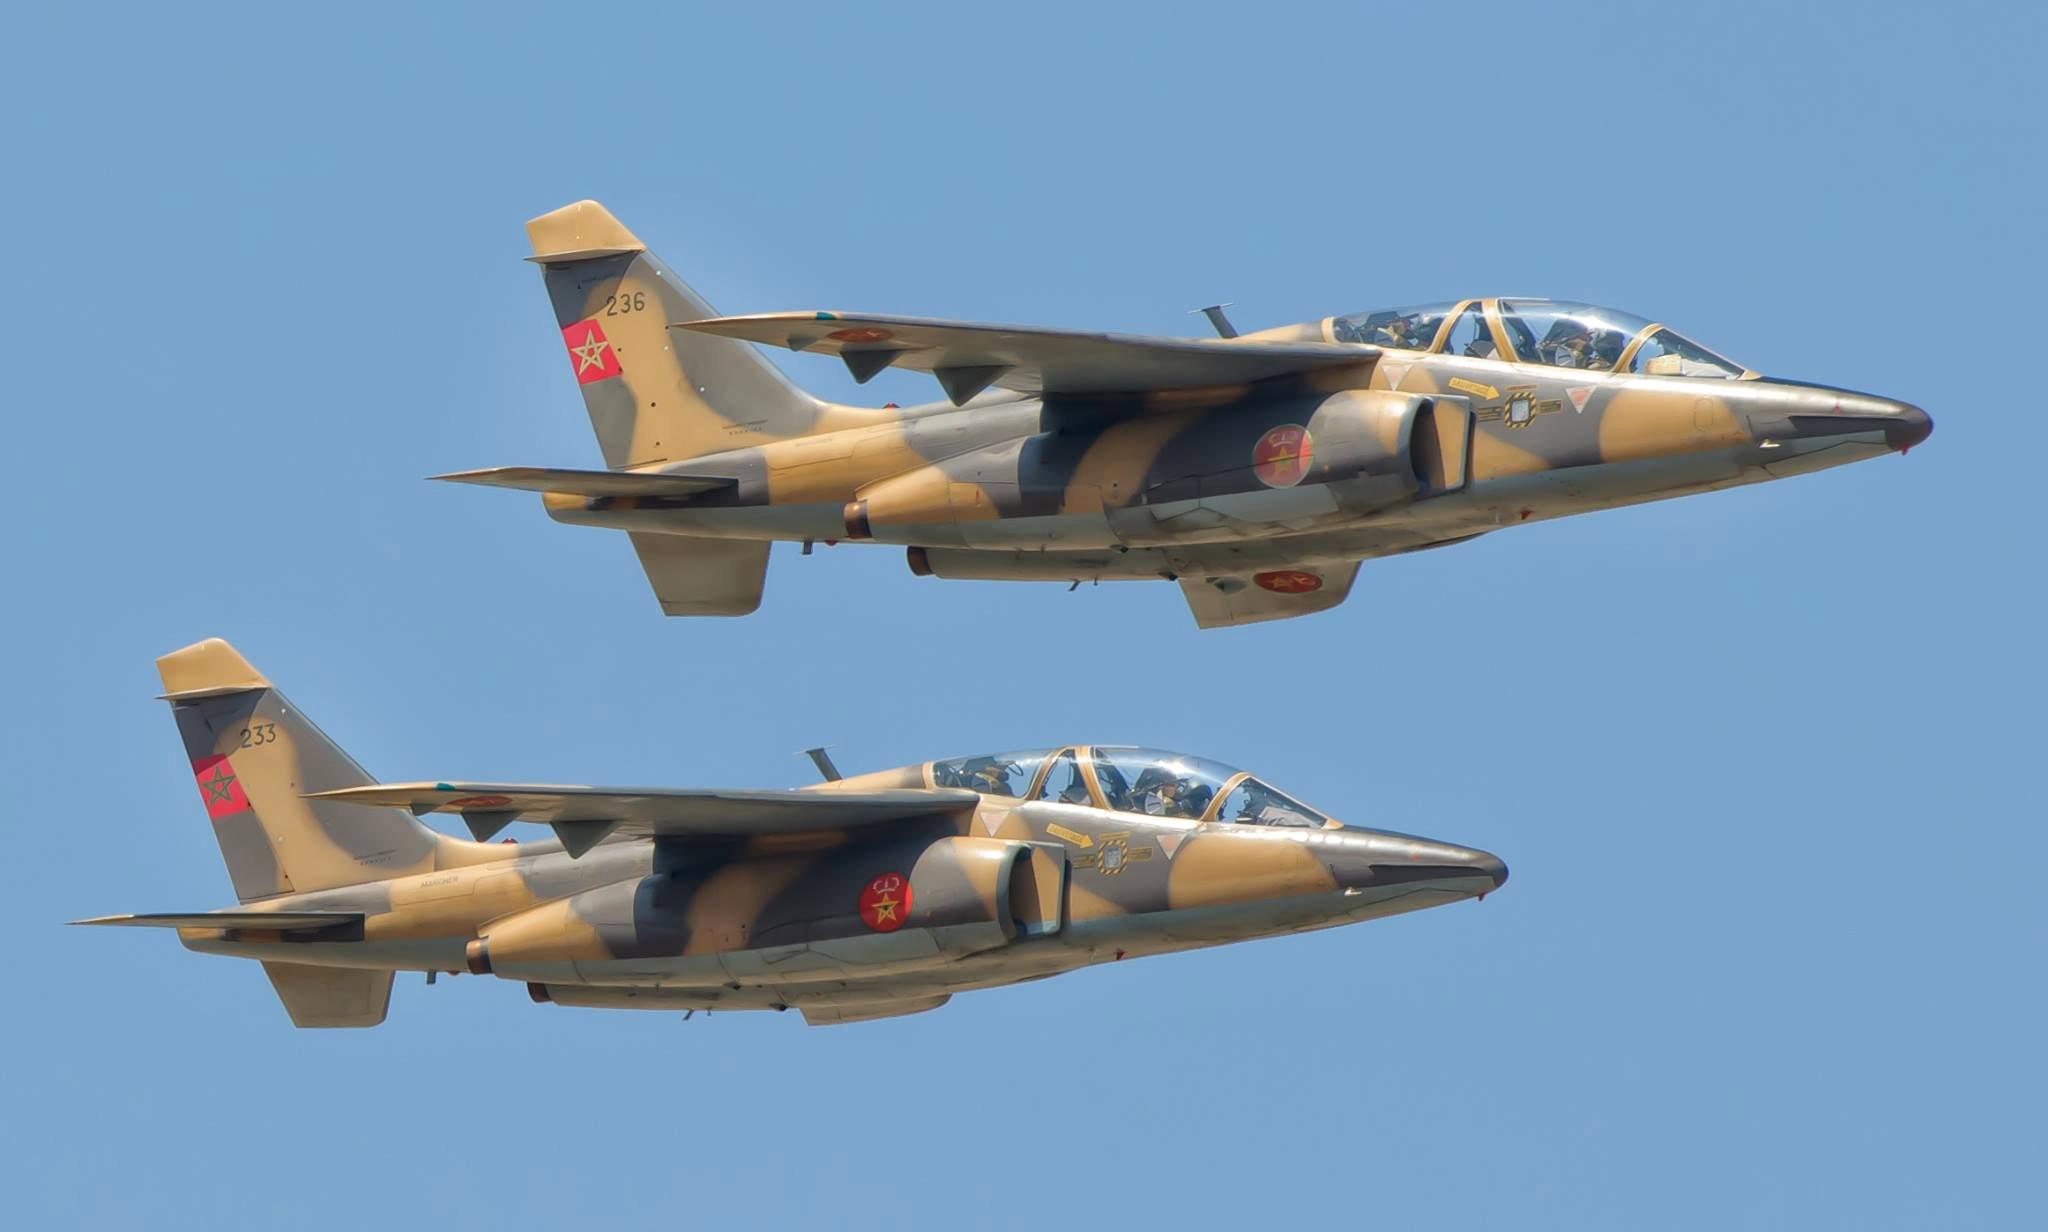 القوات الجوية الملكية المغربية - متجدد - - صفحة 2 16020106320532118